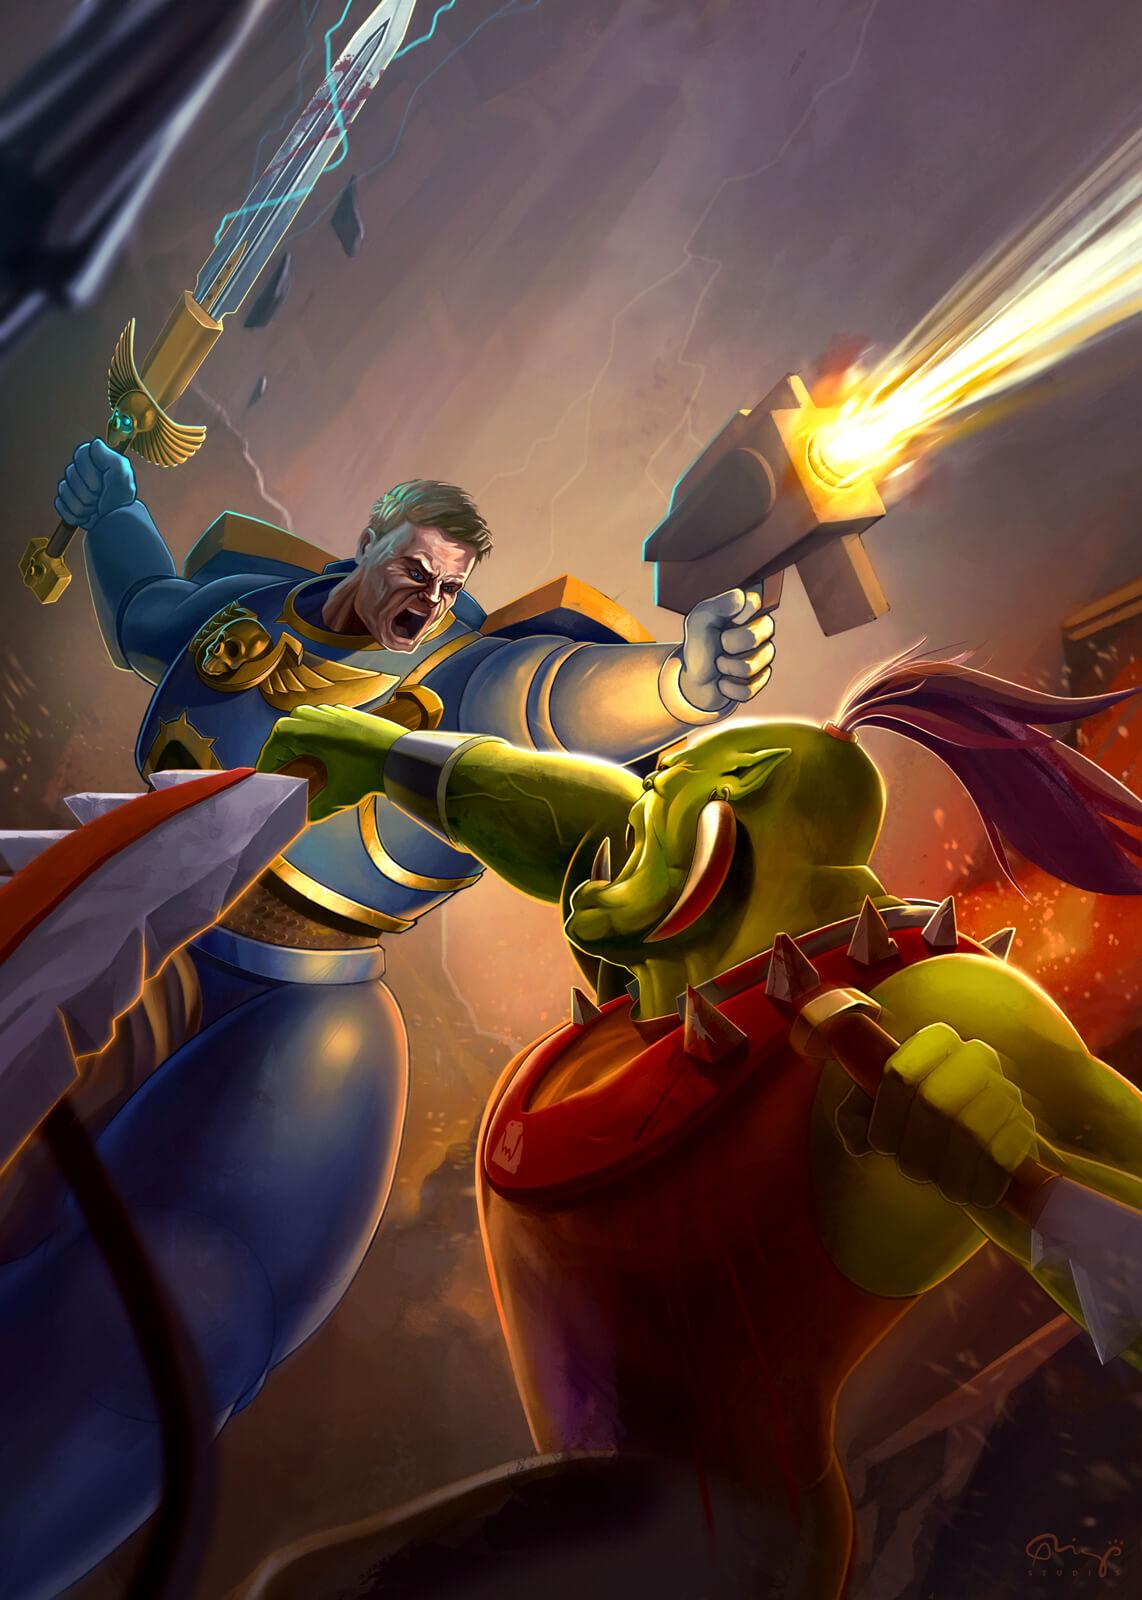 Lucha De Warhammer - Warhammer Fight